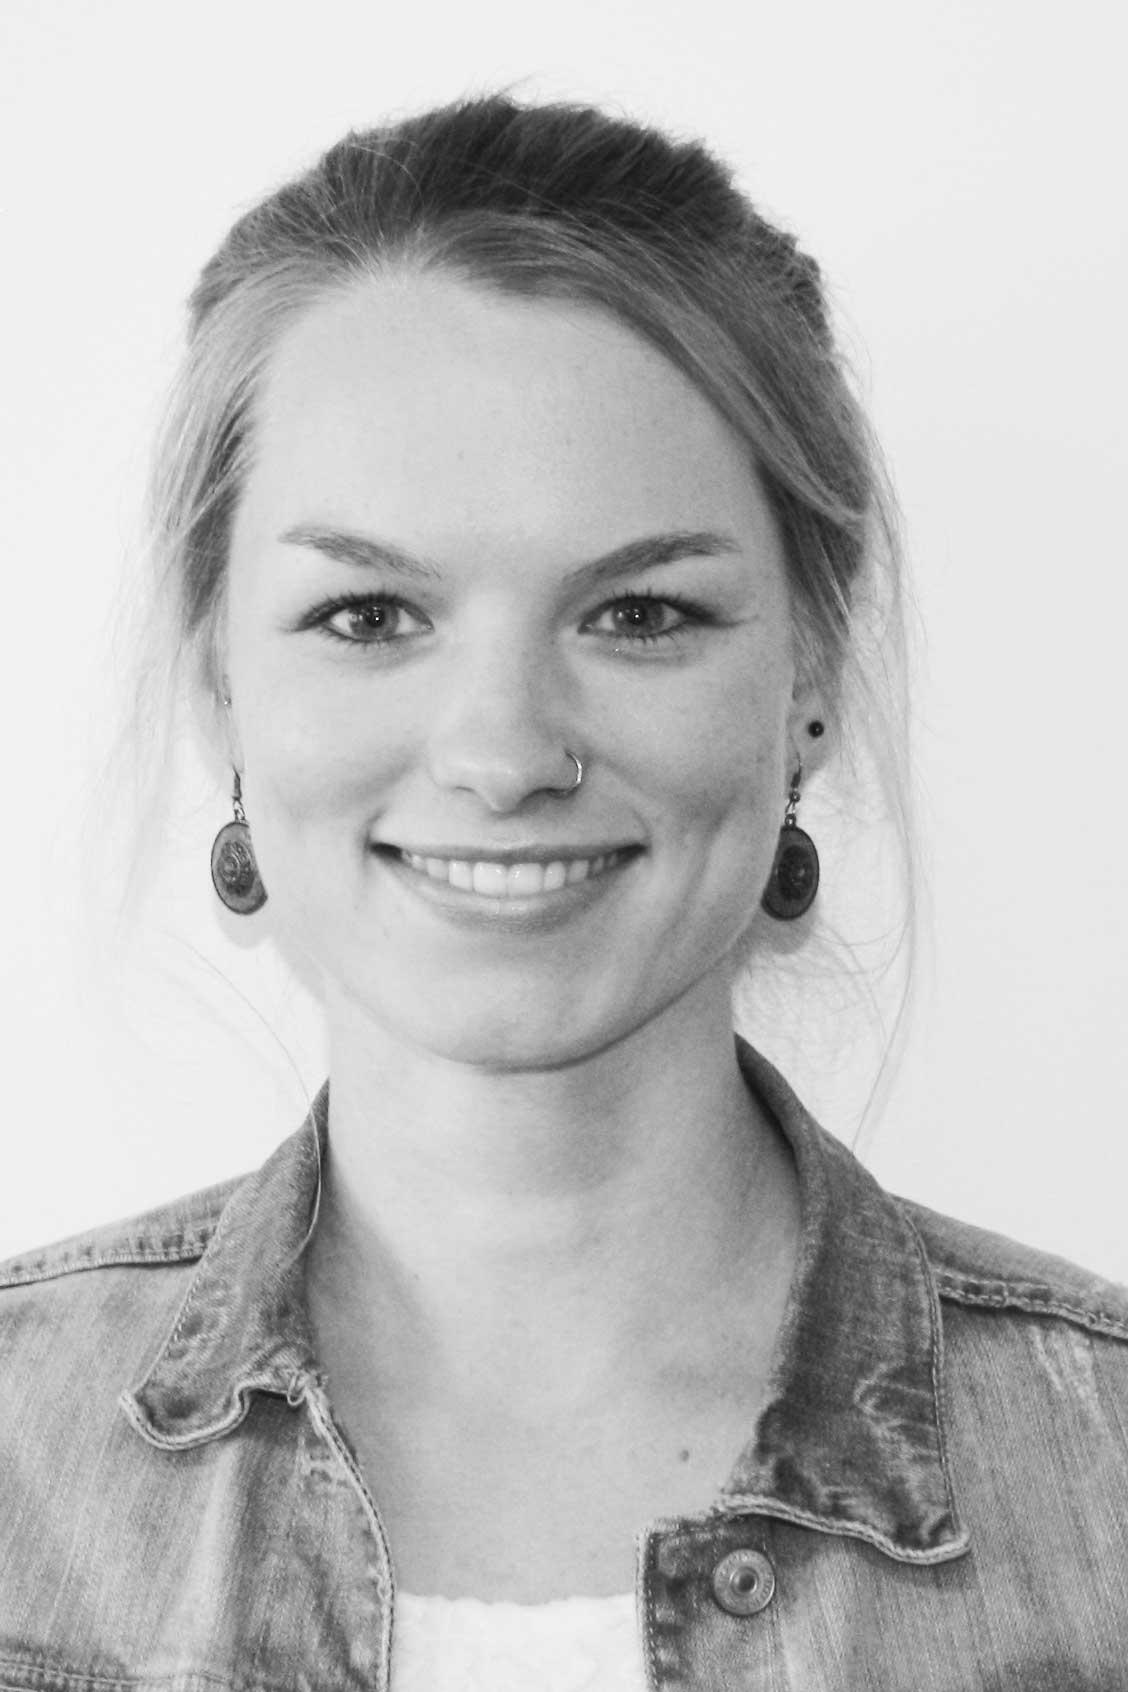 Sophia Tschuor